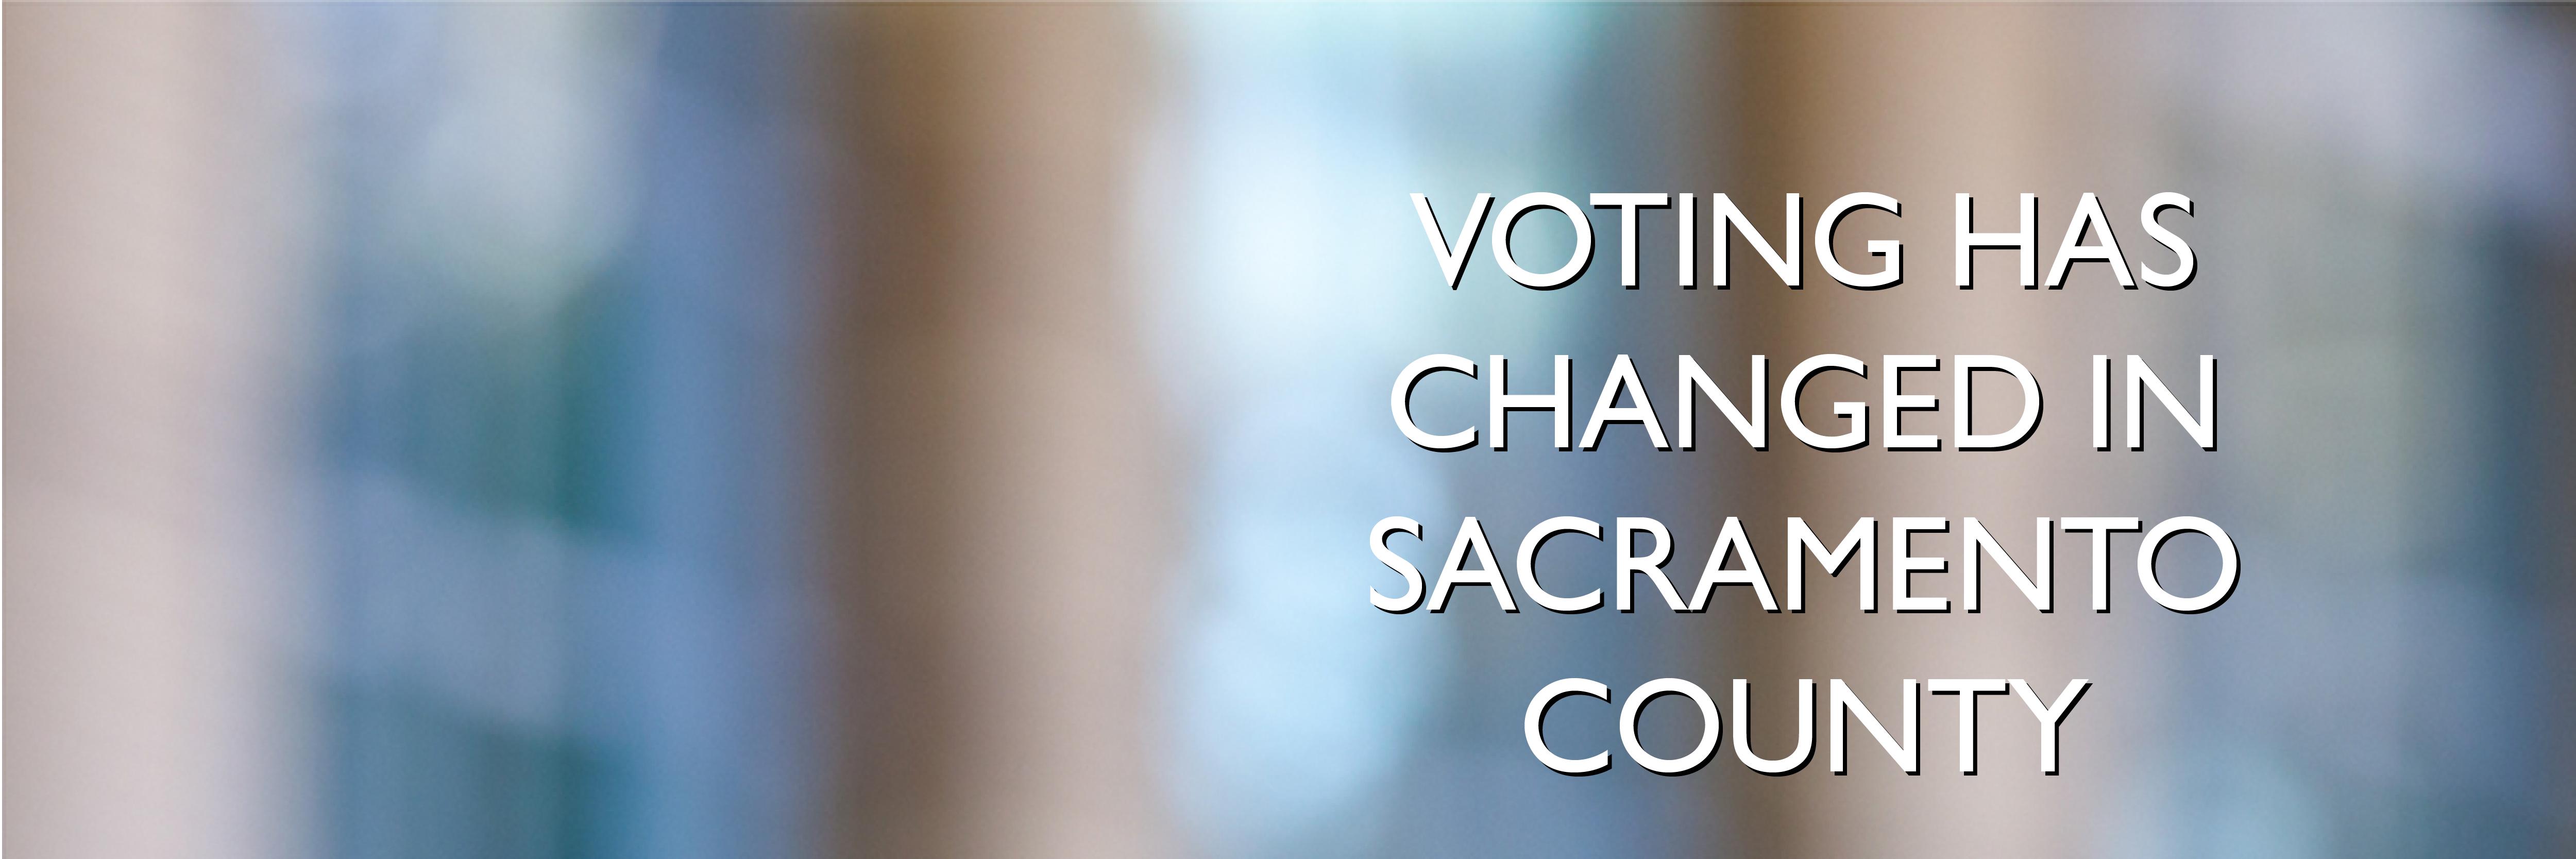 City home city of sacramento sacramento county adopting new voting procedures 1betcityfo Choice Image